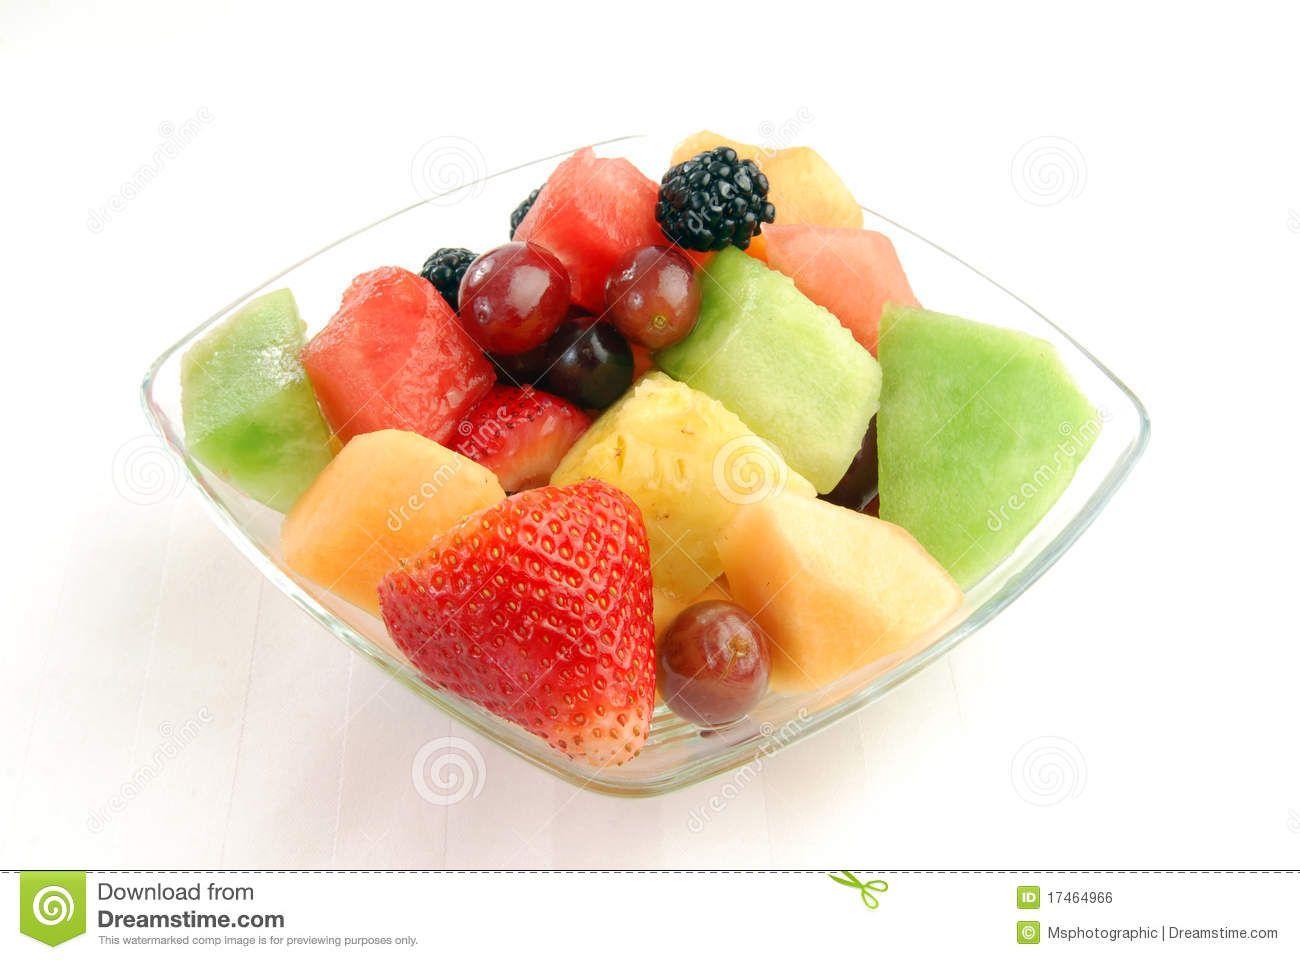 fruit salad clip art free large images [ 1300 x 960 Pixel ]